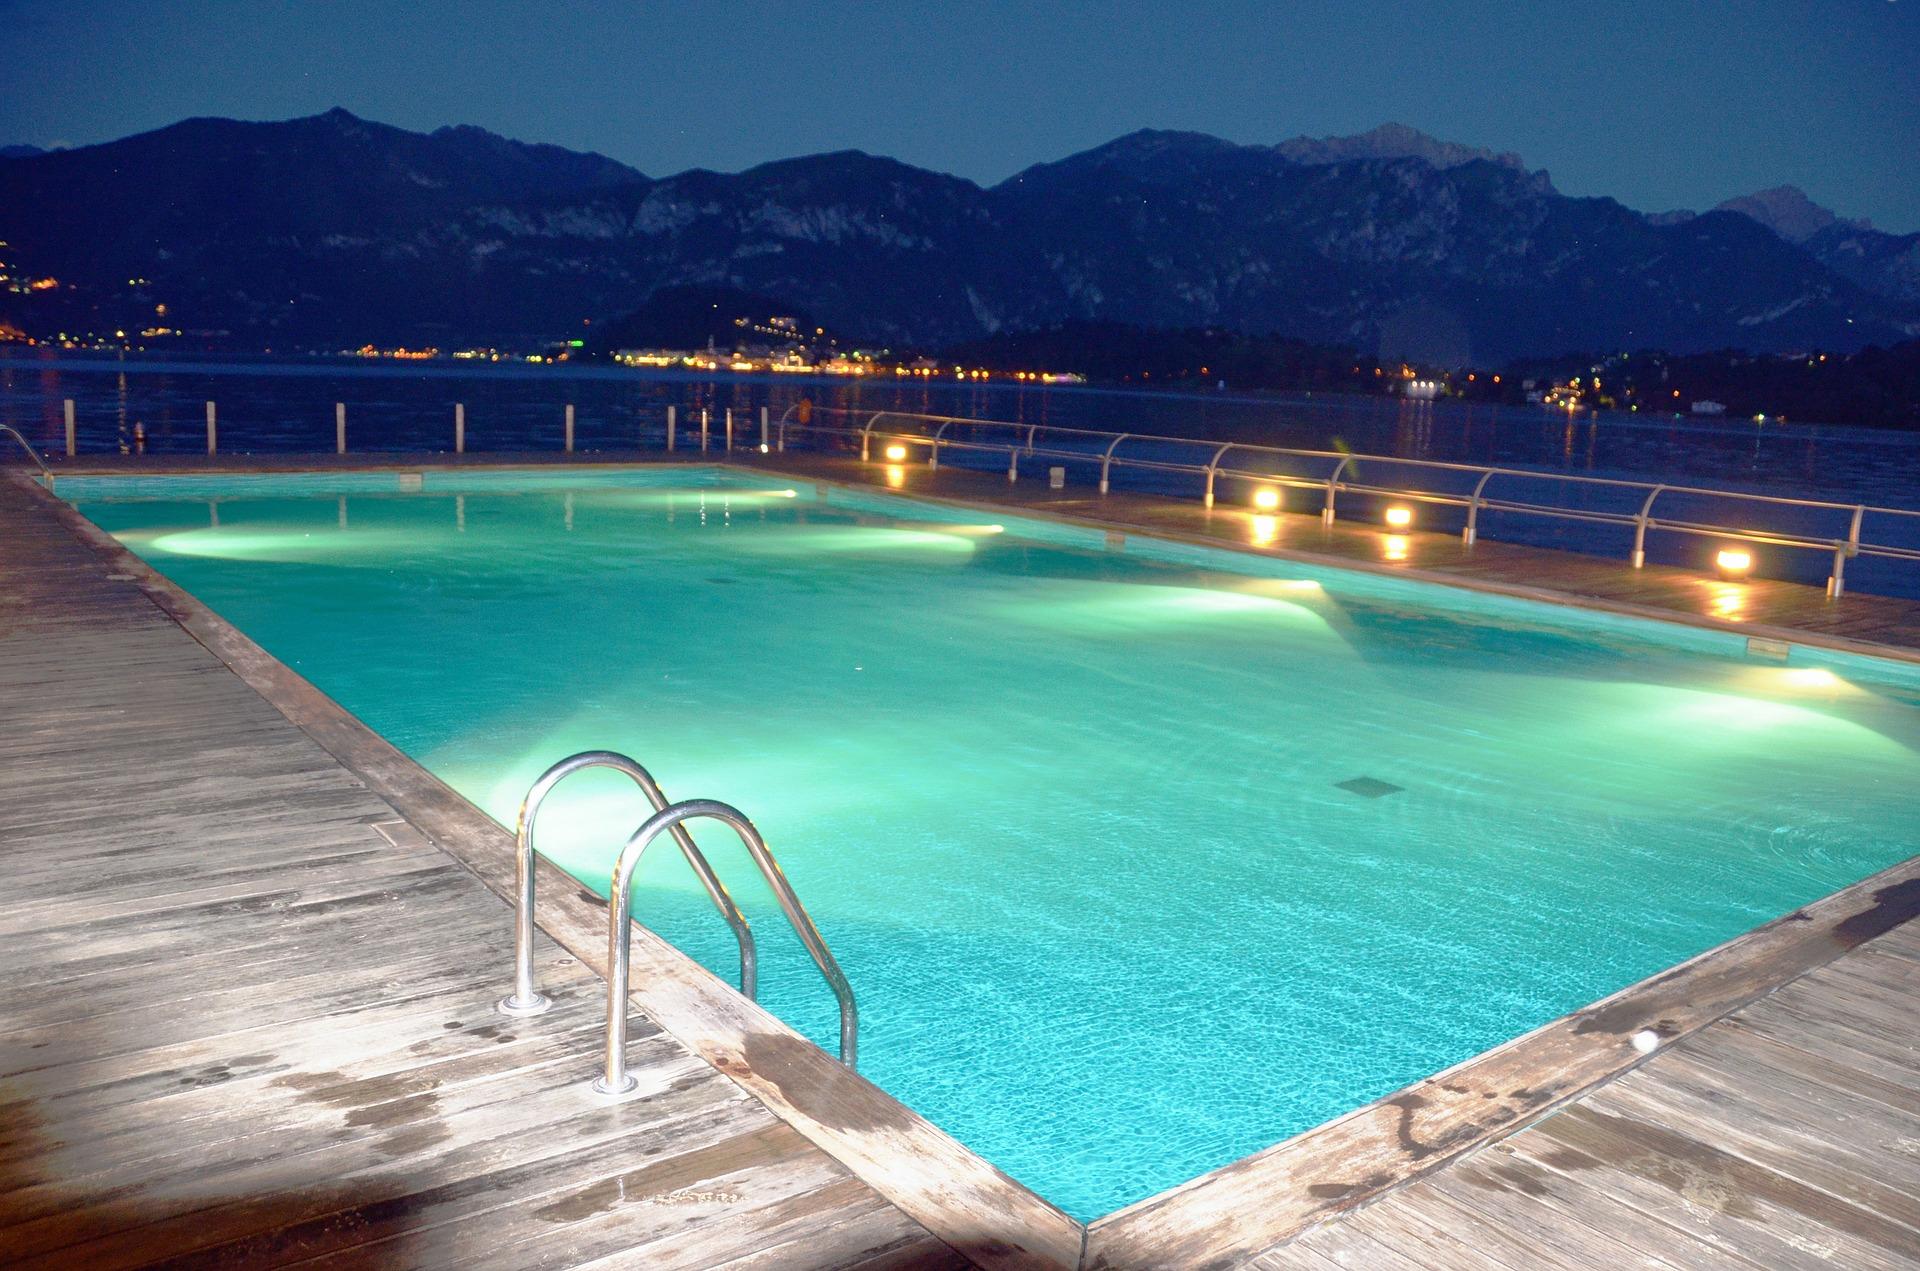 Pool LED Potlights